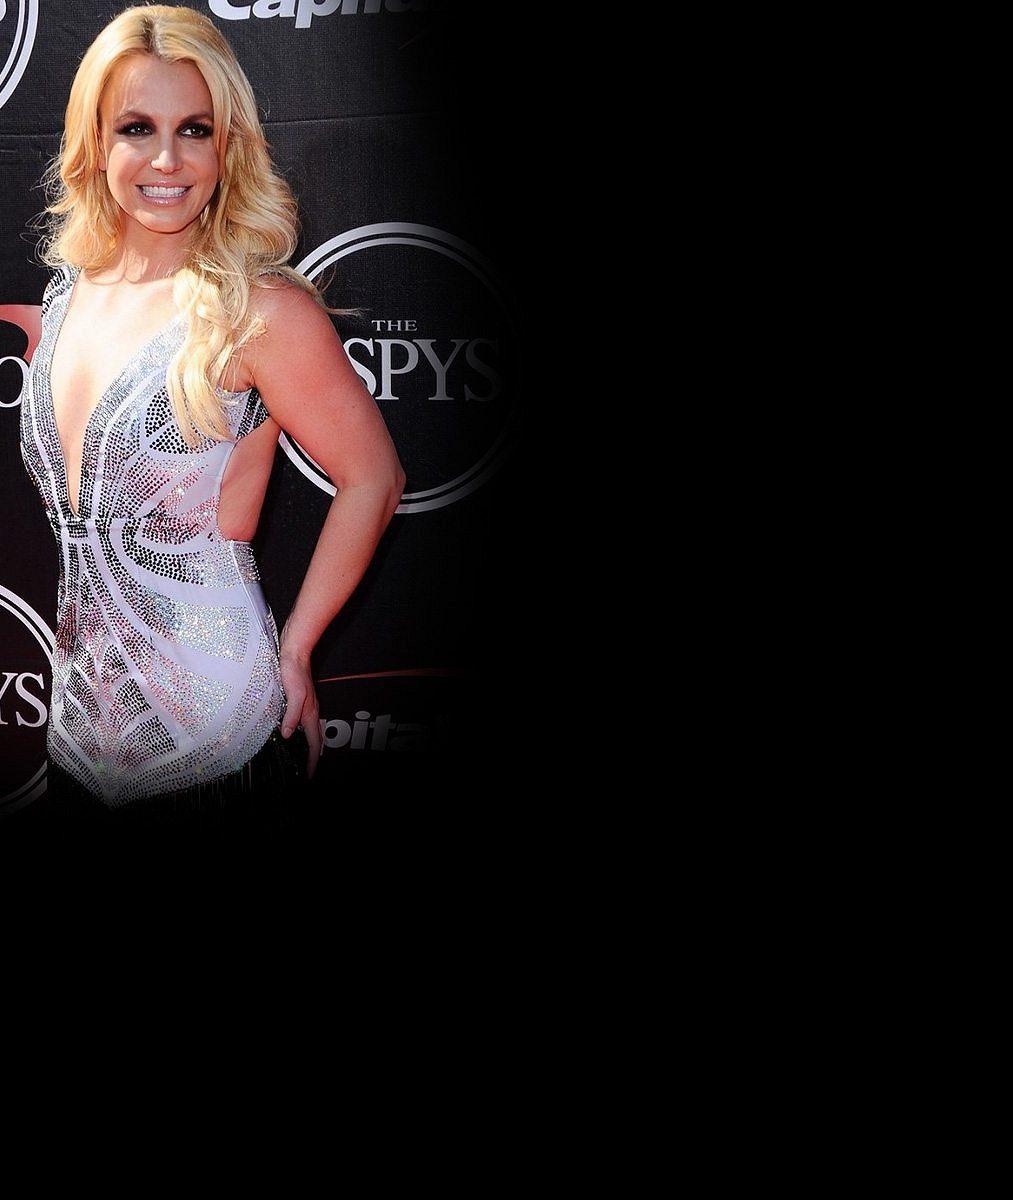 Je bez chlapa, ale září štěstím: Britney Spears se může pochlubit sexy postavičkou jako na počátku kariéry